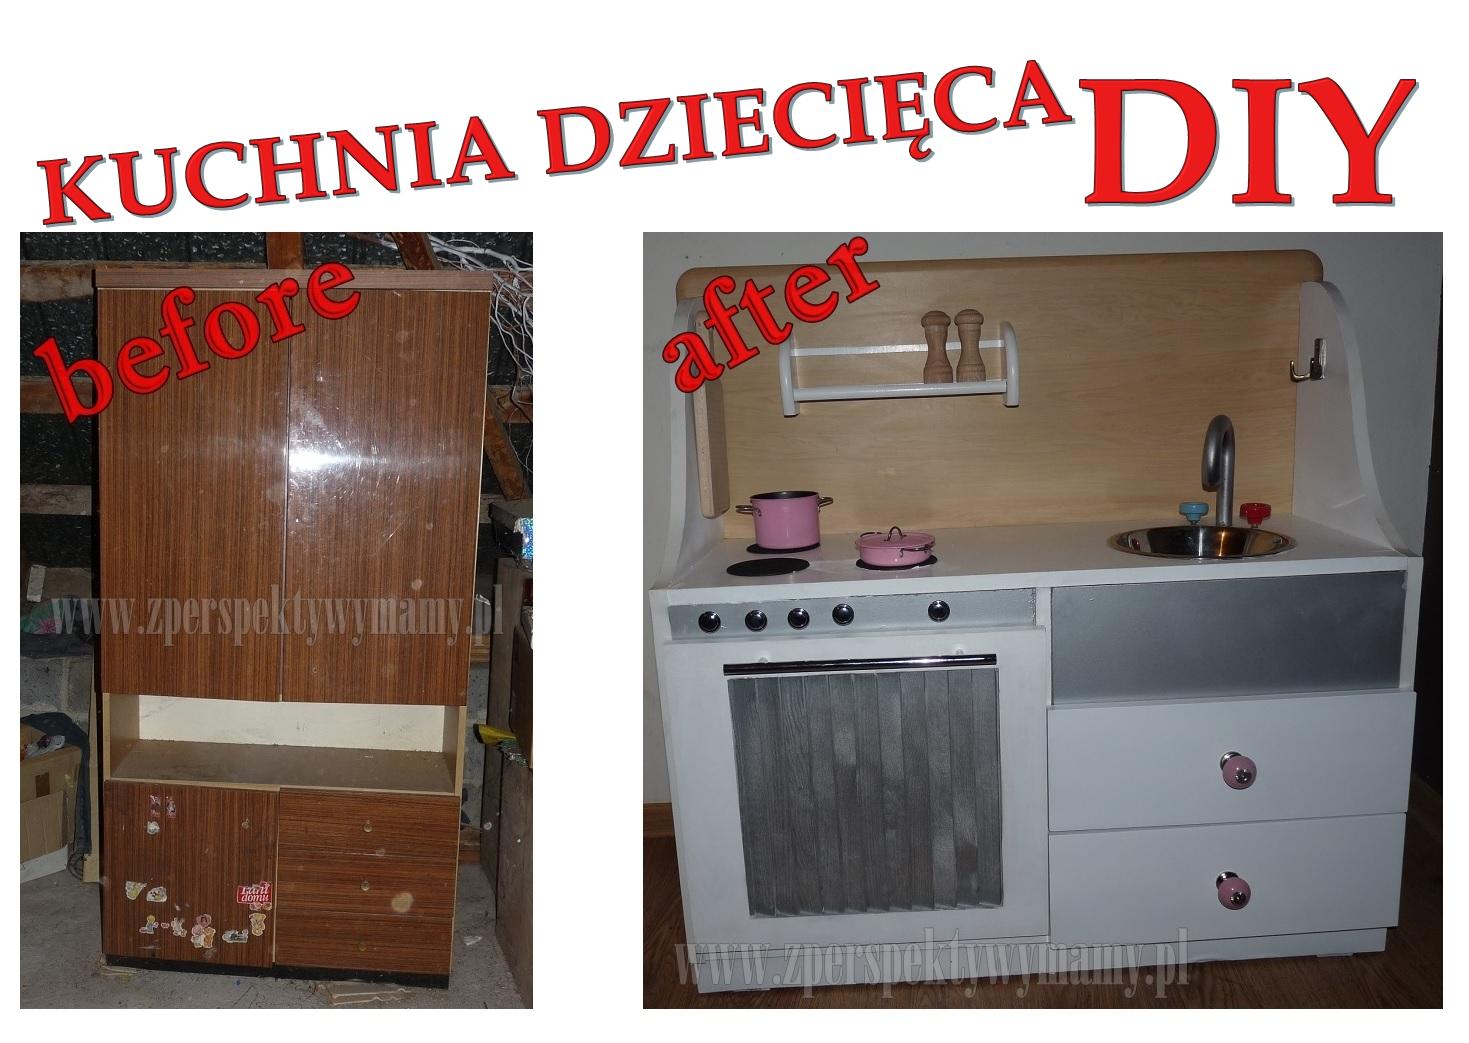 Z perspektywy mamy Kuchnia dla dzieci DIY -> Kuchnia Drewniana Dla Dzieci Diy